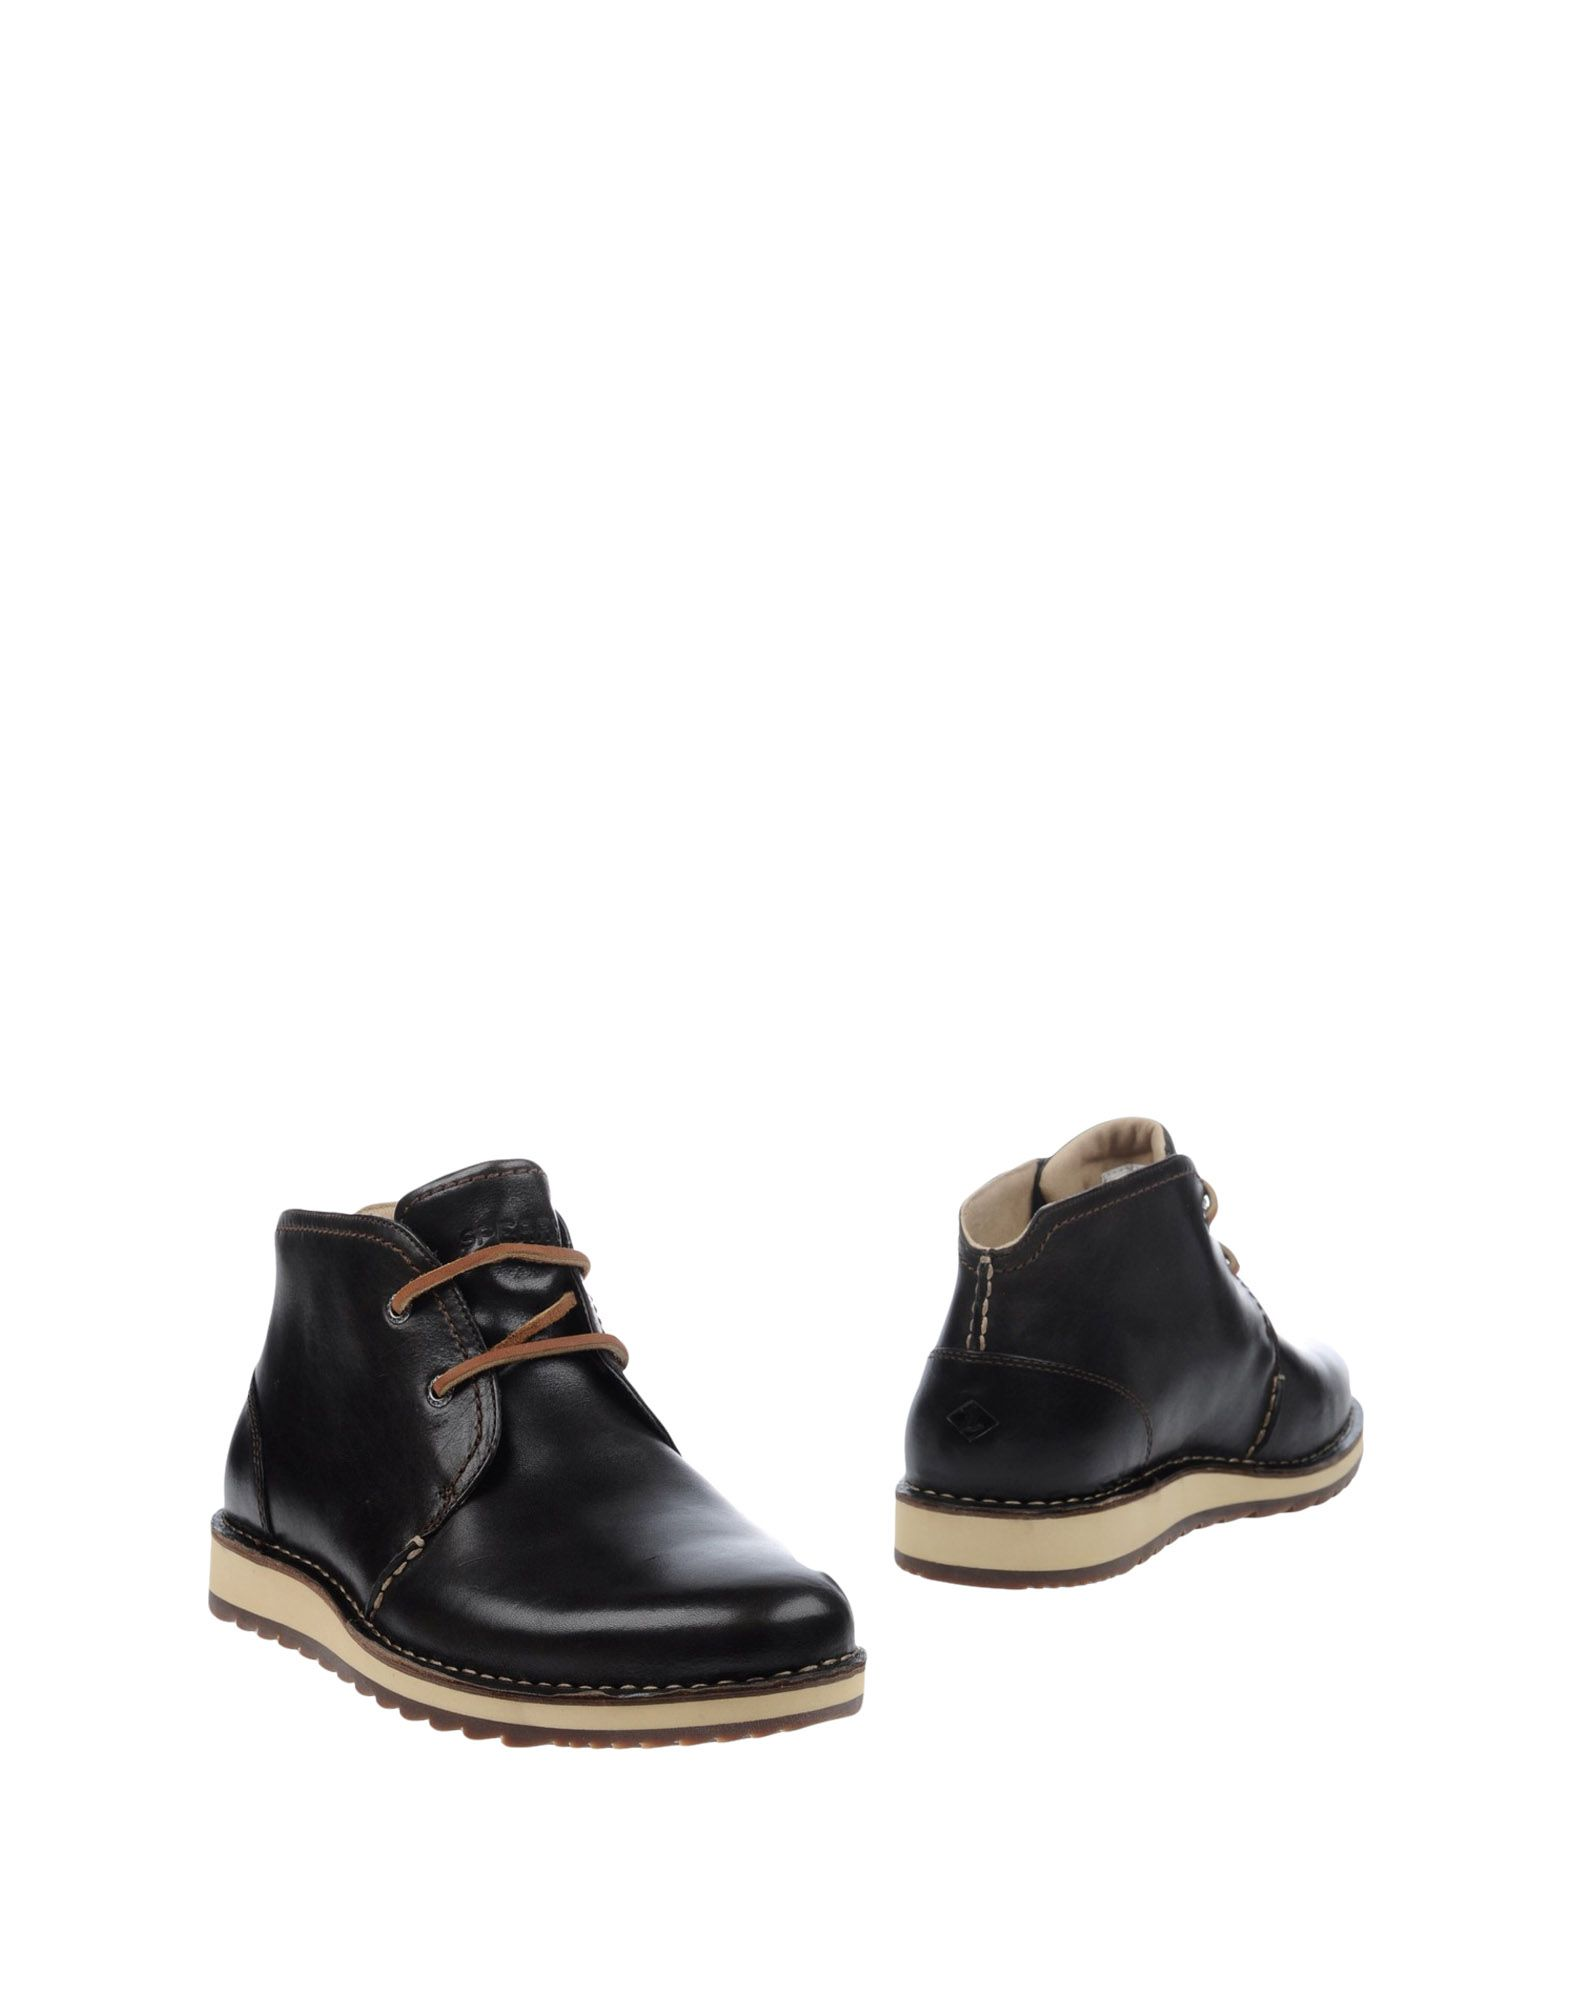 купить SPERRY TOP-SIDER Полусапоги и высокие ботинки дешево